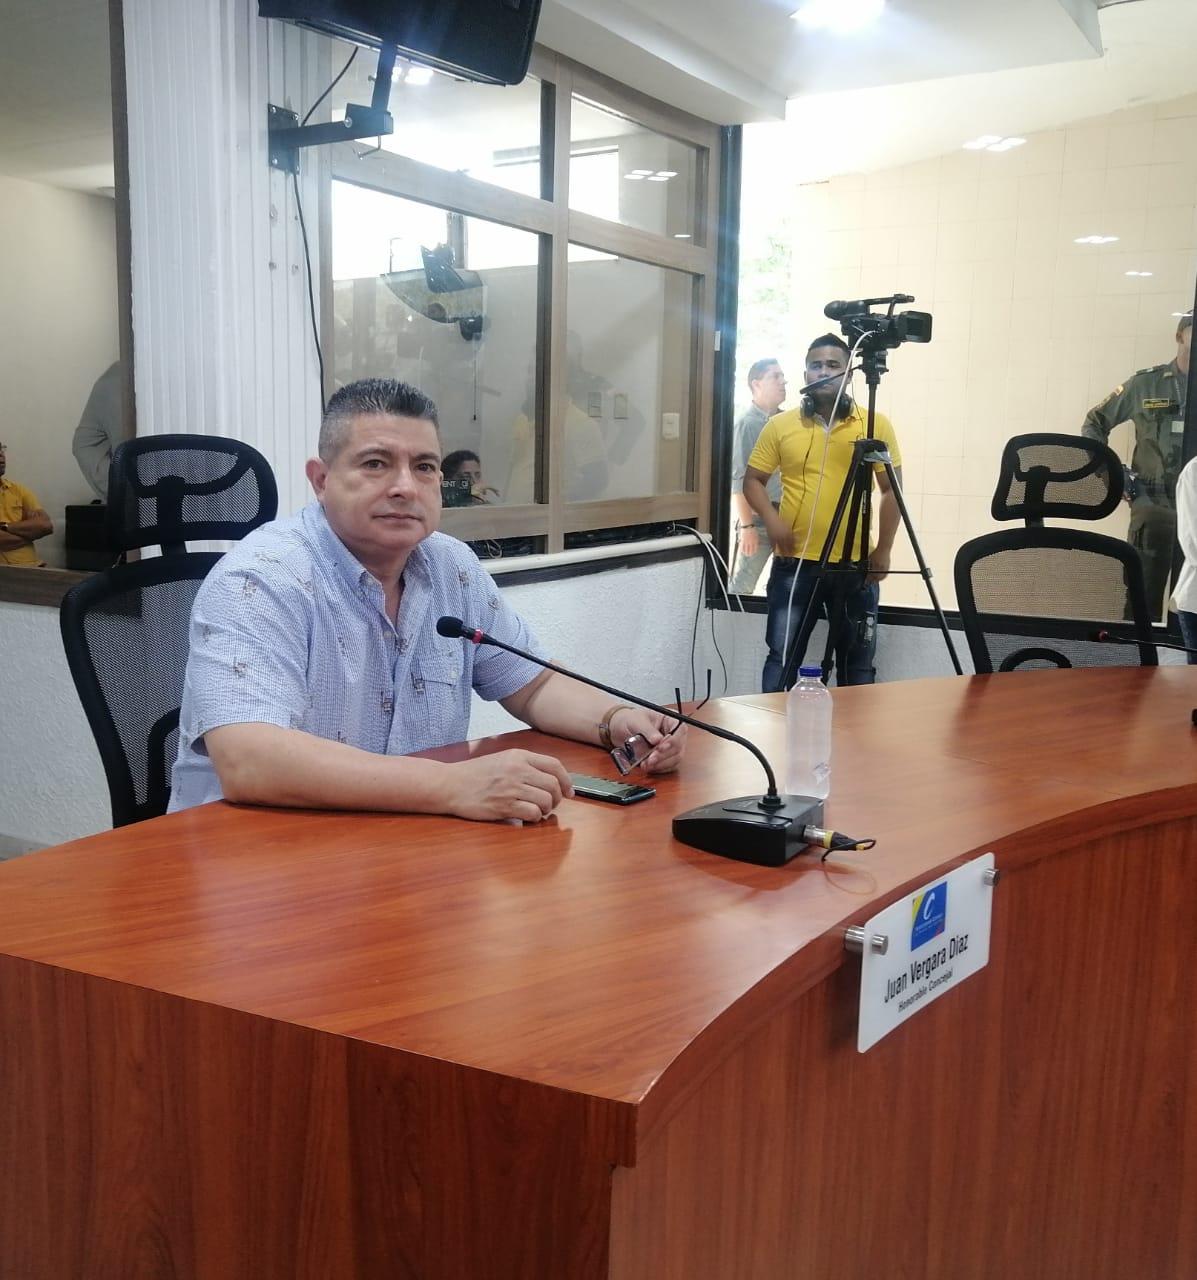 Concejal Juan José Vergara, apoya citar a la Secretaría de Tránsito y Seguridad Vial para tocar el tema de parqueos en la ciudad de Barranquilla